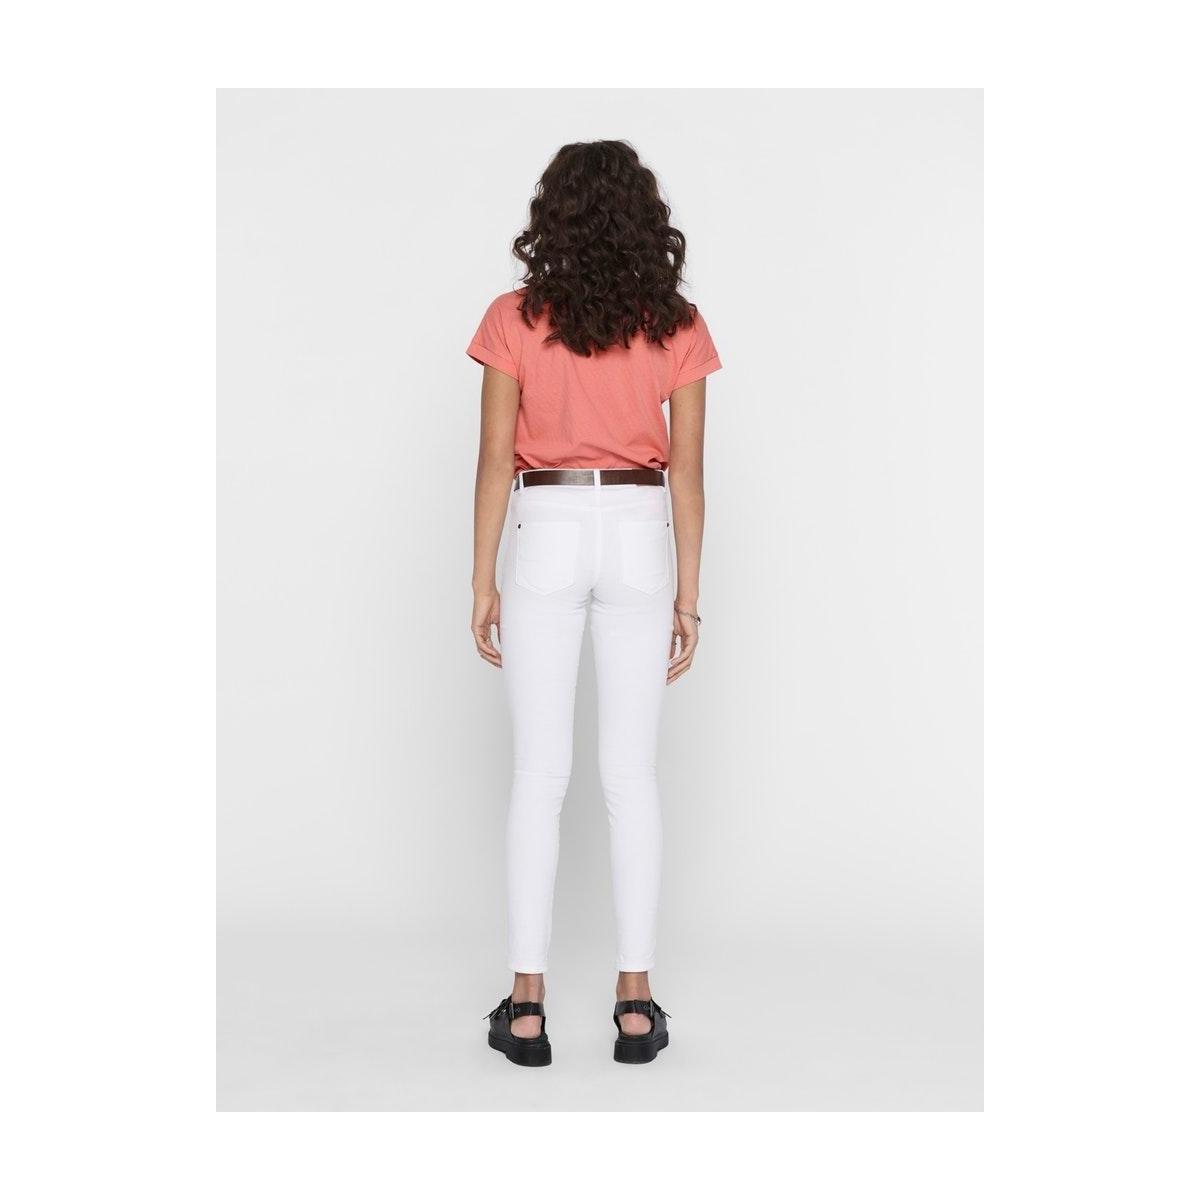 jdypastel life s/s fold up top jrs 15200610 jacqueline de yong t-shirt peach blossom